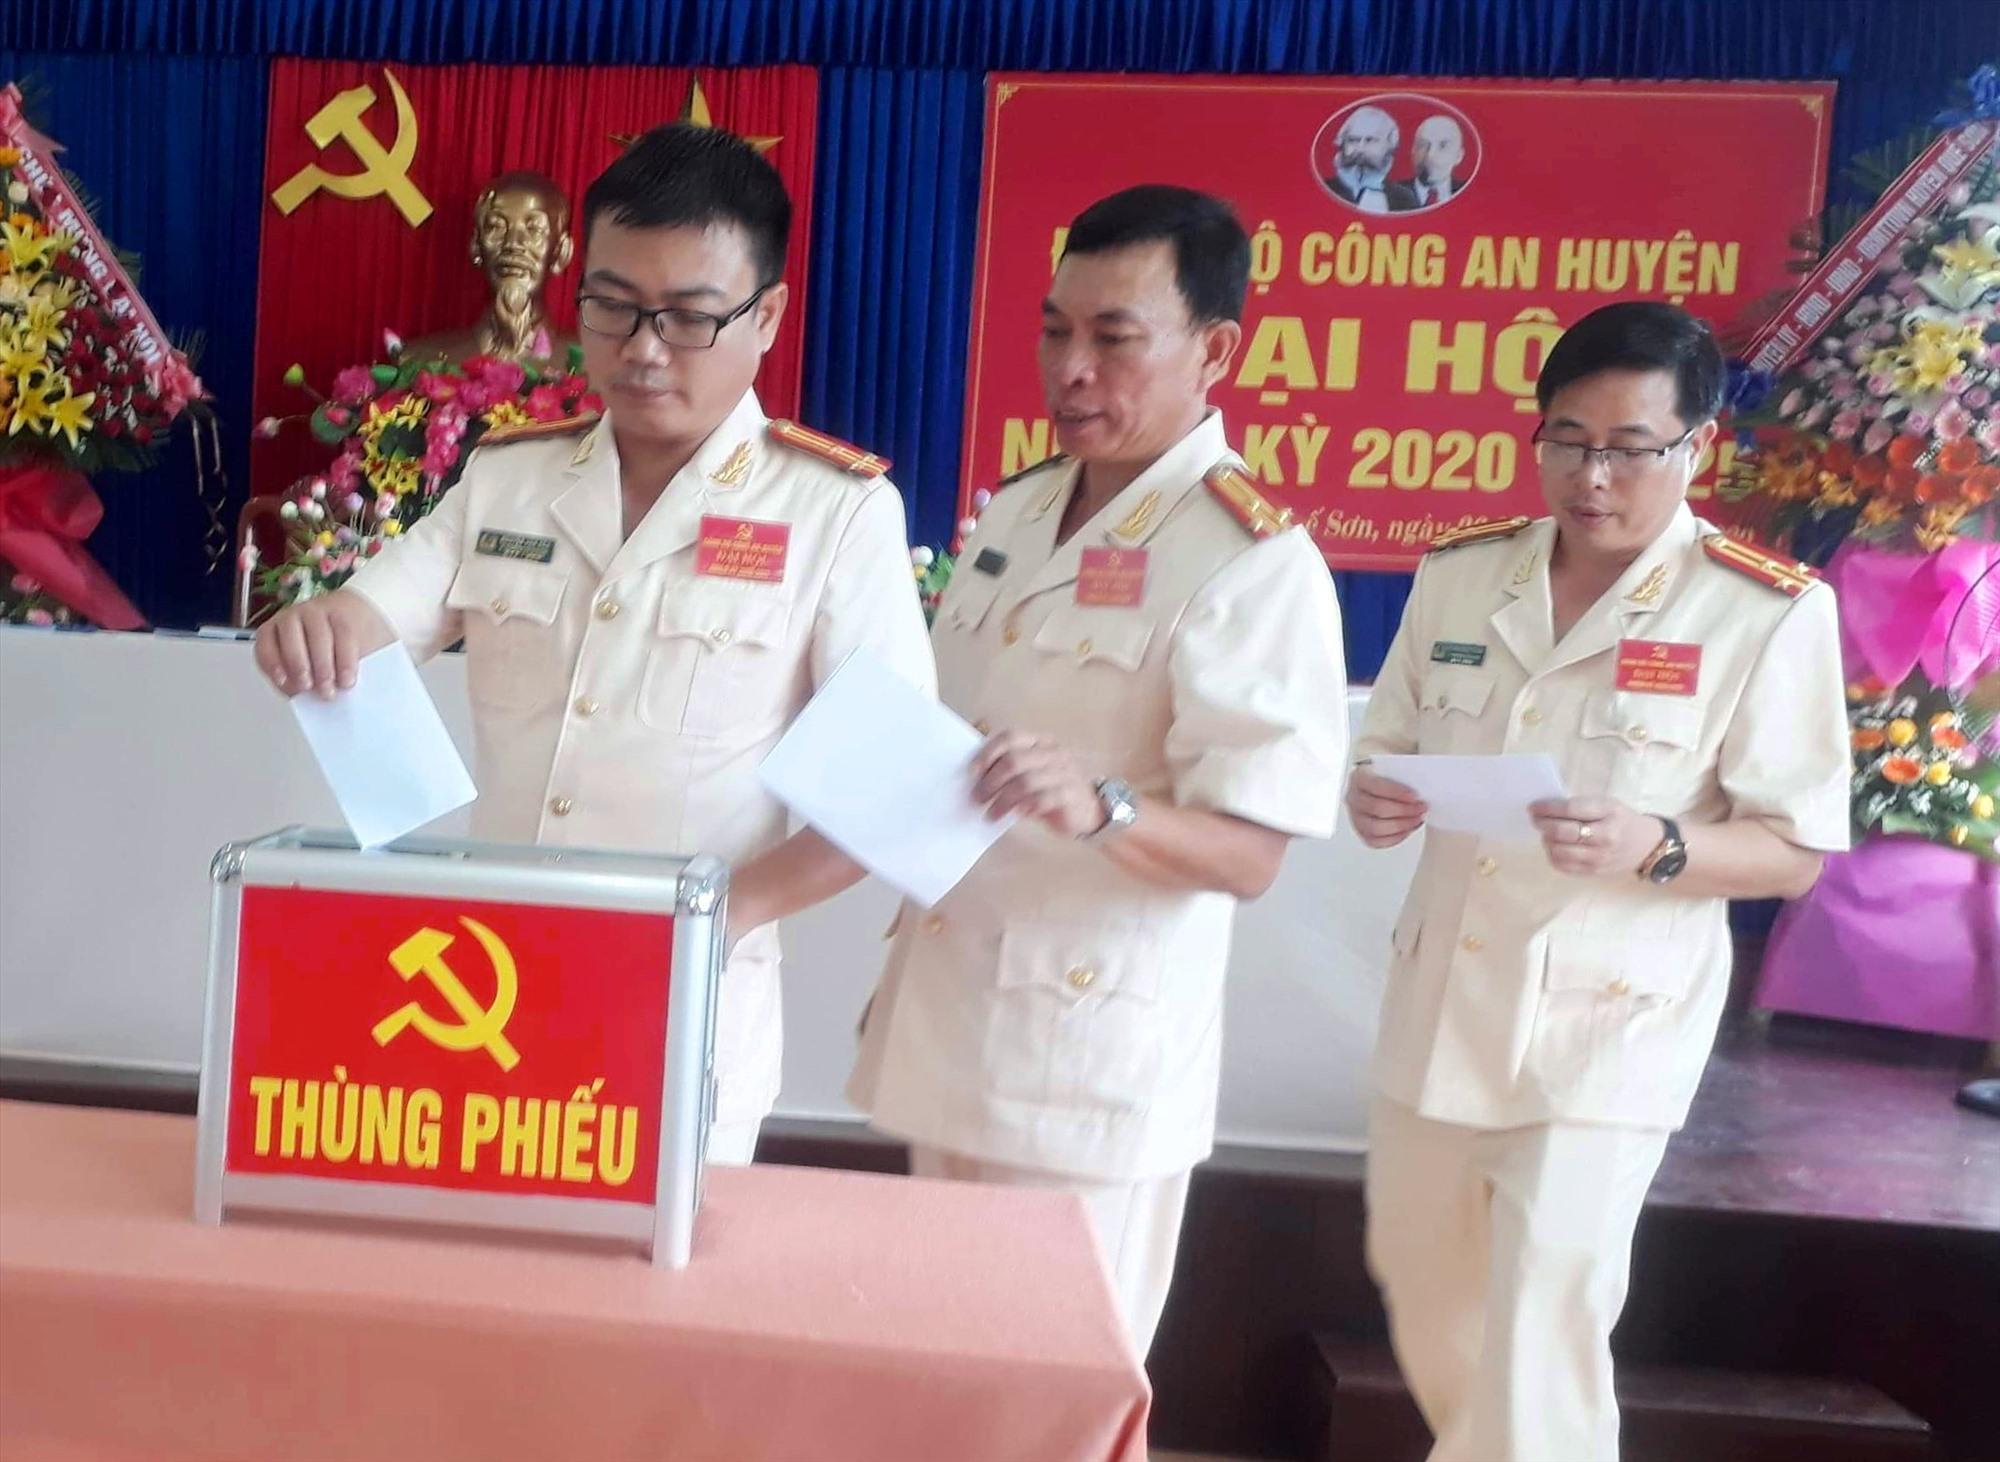 Bầu Ban chấp hành Đảng bộ Công an huyện Quế Sơn nhiệm kỳ 2020-2025. ảnh DT